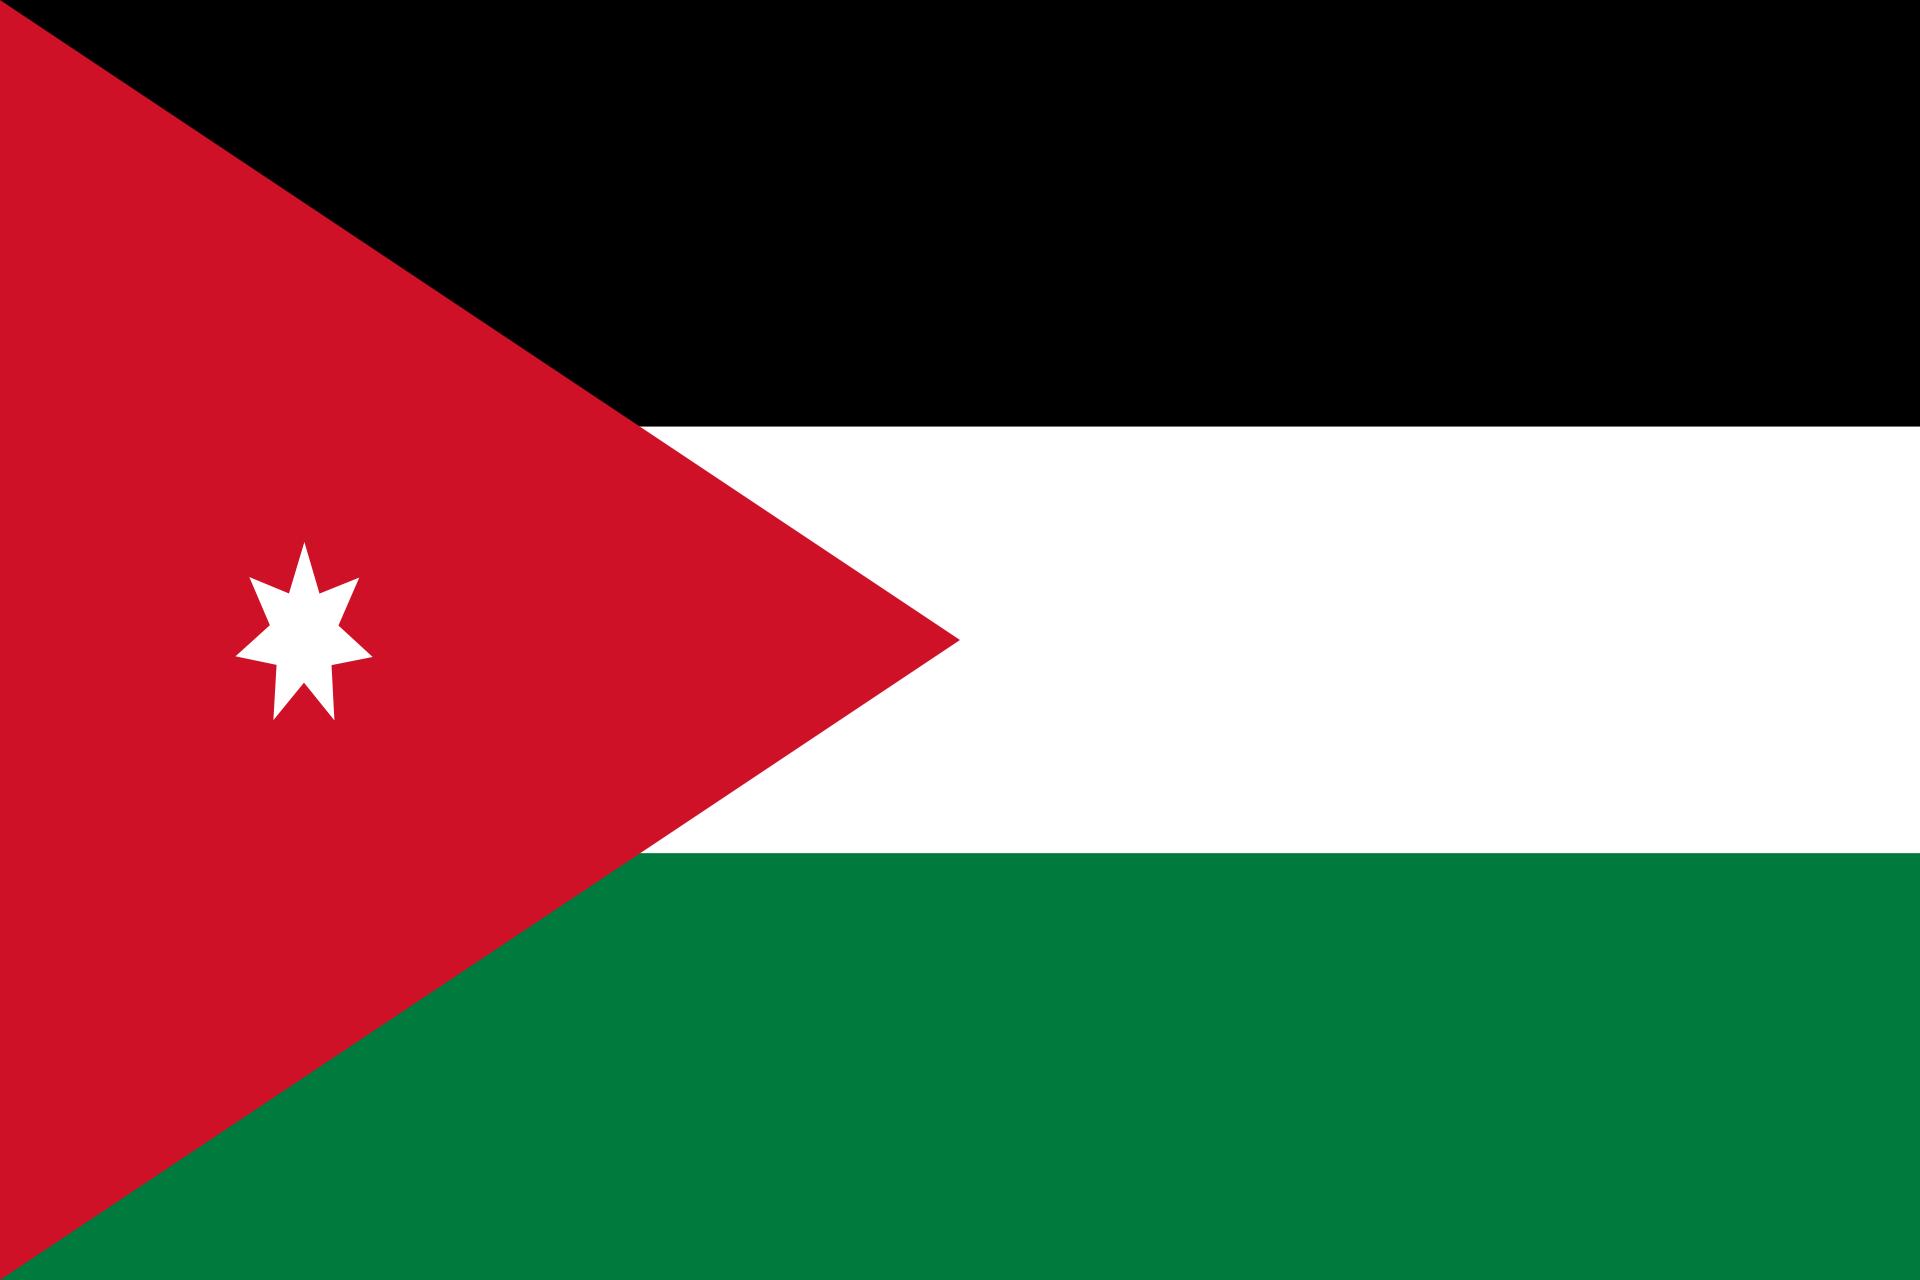 Rot Grün Weiß Schwarz Flagge